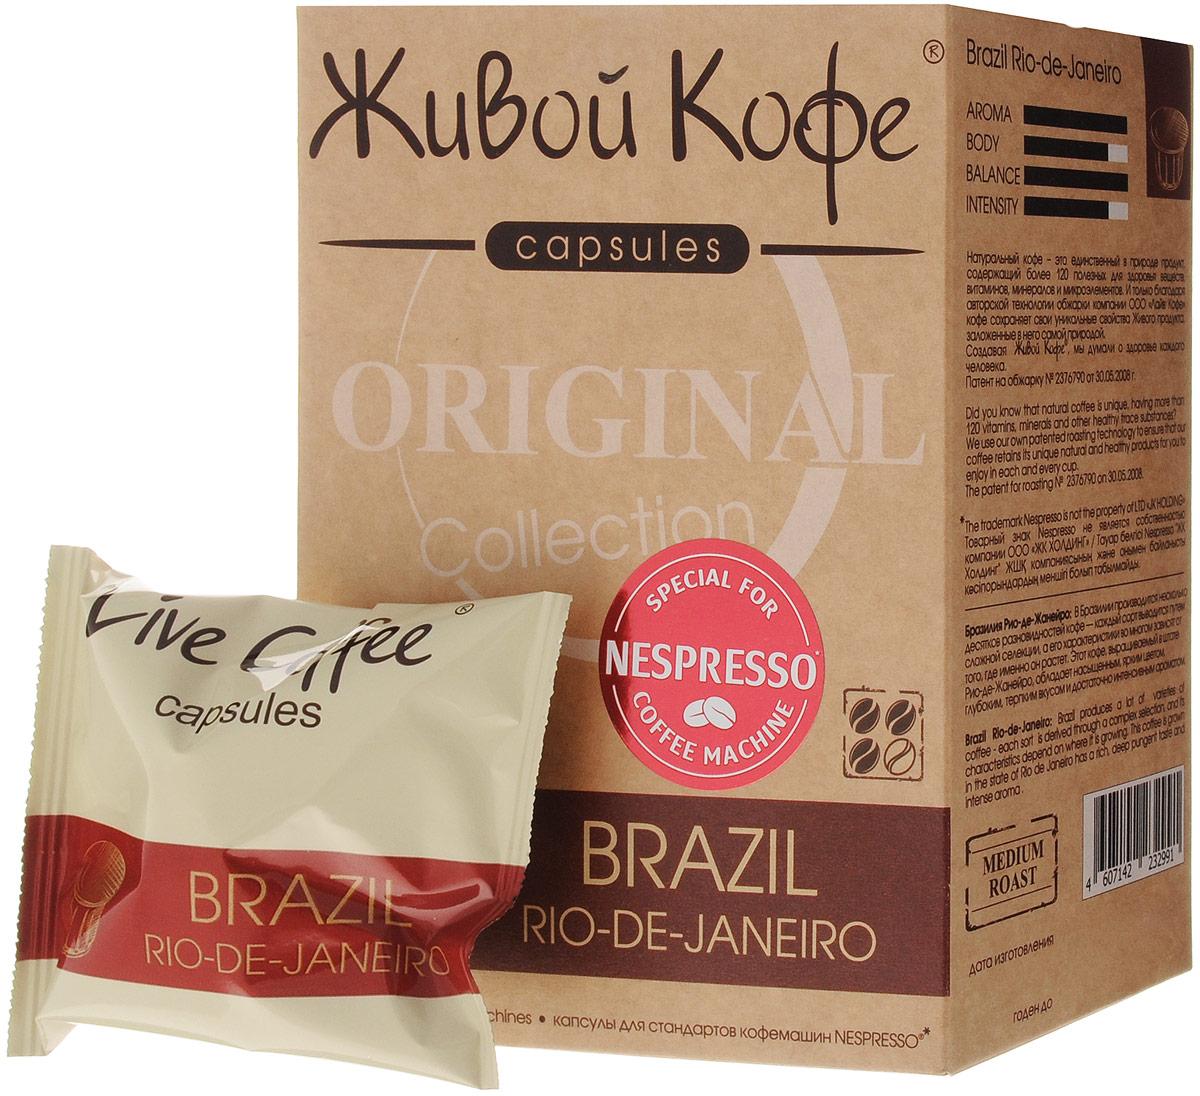 Живой Кофе Brazil Rio de Janeiro кофе в капсулах (индивидуальная упаковка), 10 штУПП00003794Живой Кофе Brazil Rio de Janeiro - натуральный молотый кофе средней обжарки в капсулах. В Бразилии производится несколько десятков разновидностей кофе — каждый сорт выводится путем сложной селекции, а его характеристики во многом зависят от того, где именно он растет. Этот кофе, выращиваемый в штате Рио-де- Жанейро, обладает насыщенным ярким цветом, глубоким терпким вкусом и достаточно интенсивным ароматом. Каждая капсула упакована в индивидуальный пакет для сохранения свежести и качества кофе. Благодаря авторской технологии обжарки группы компаний Сафари кофе напиток сохраняет свои уникальные свойства, заложенные самой природой. Уважаемые клиенты! Обращаем ваше внимание на то, что упаковка может иметь несколько видов дизайна. Поставка осуществляется в зависимости от наличия на складе.